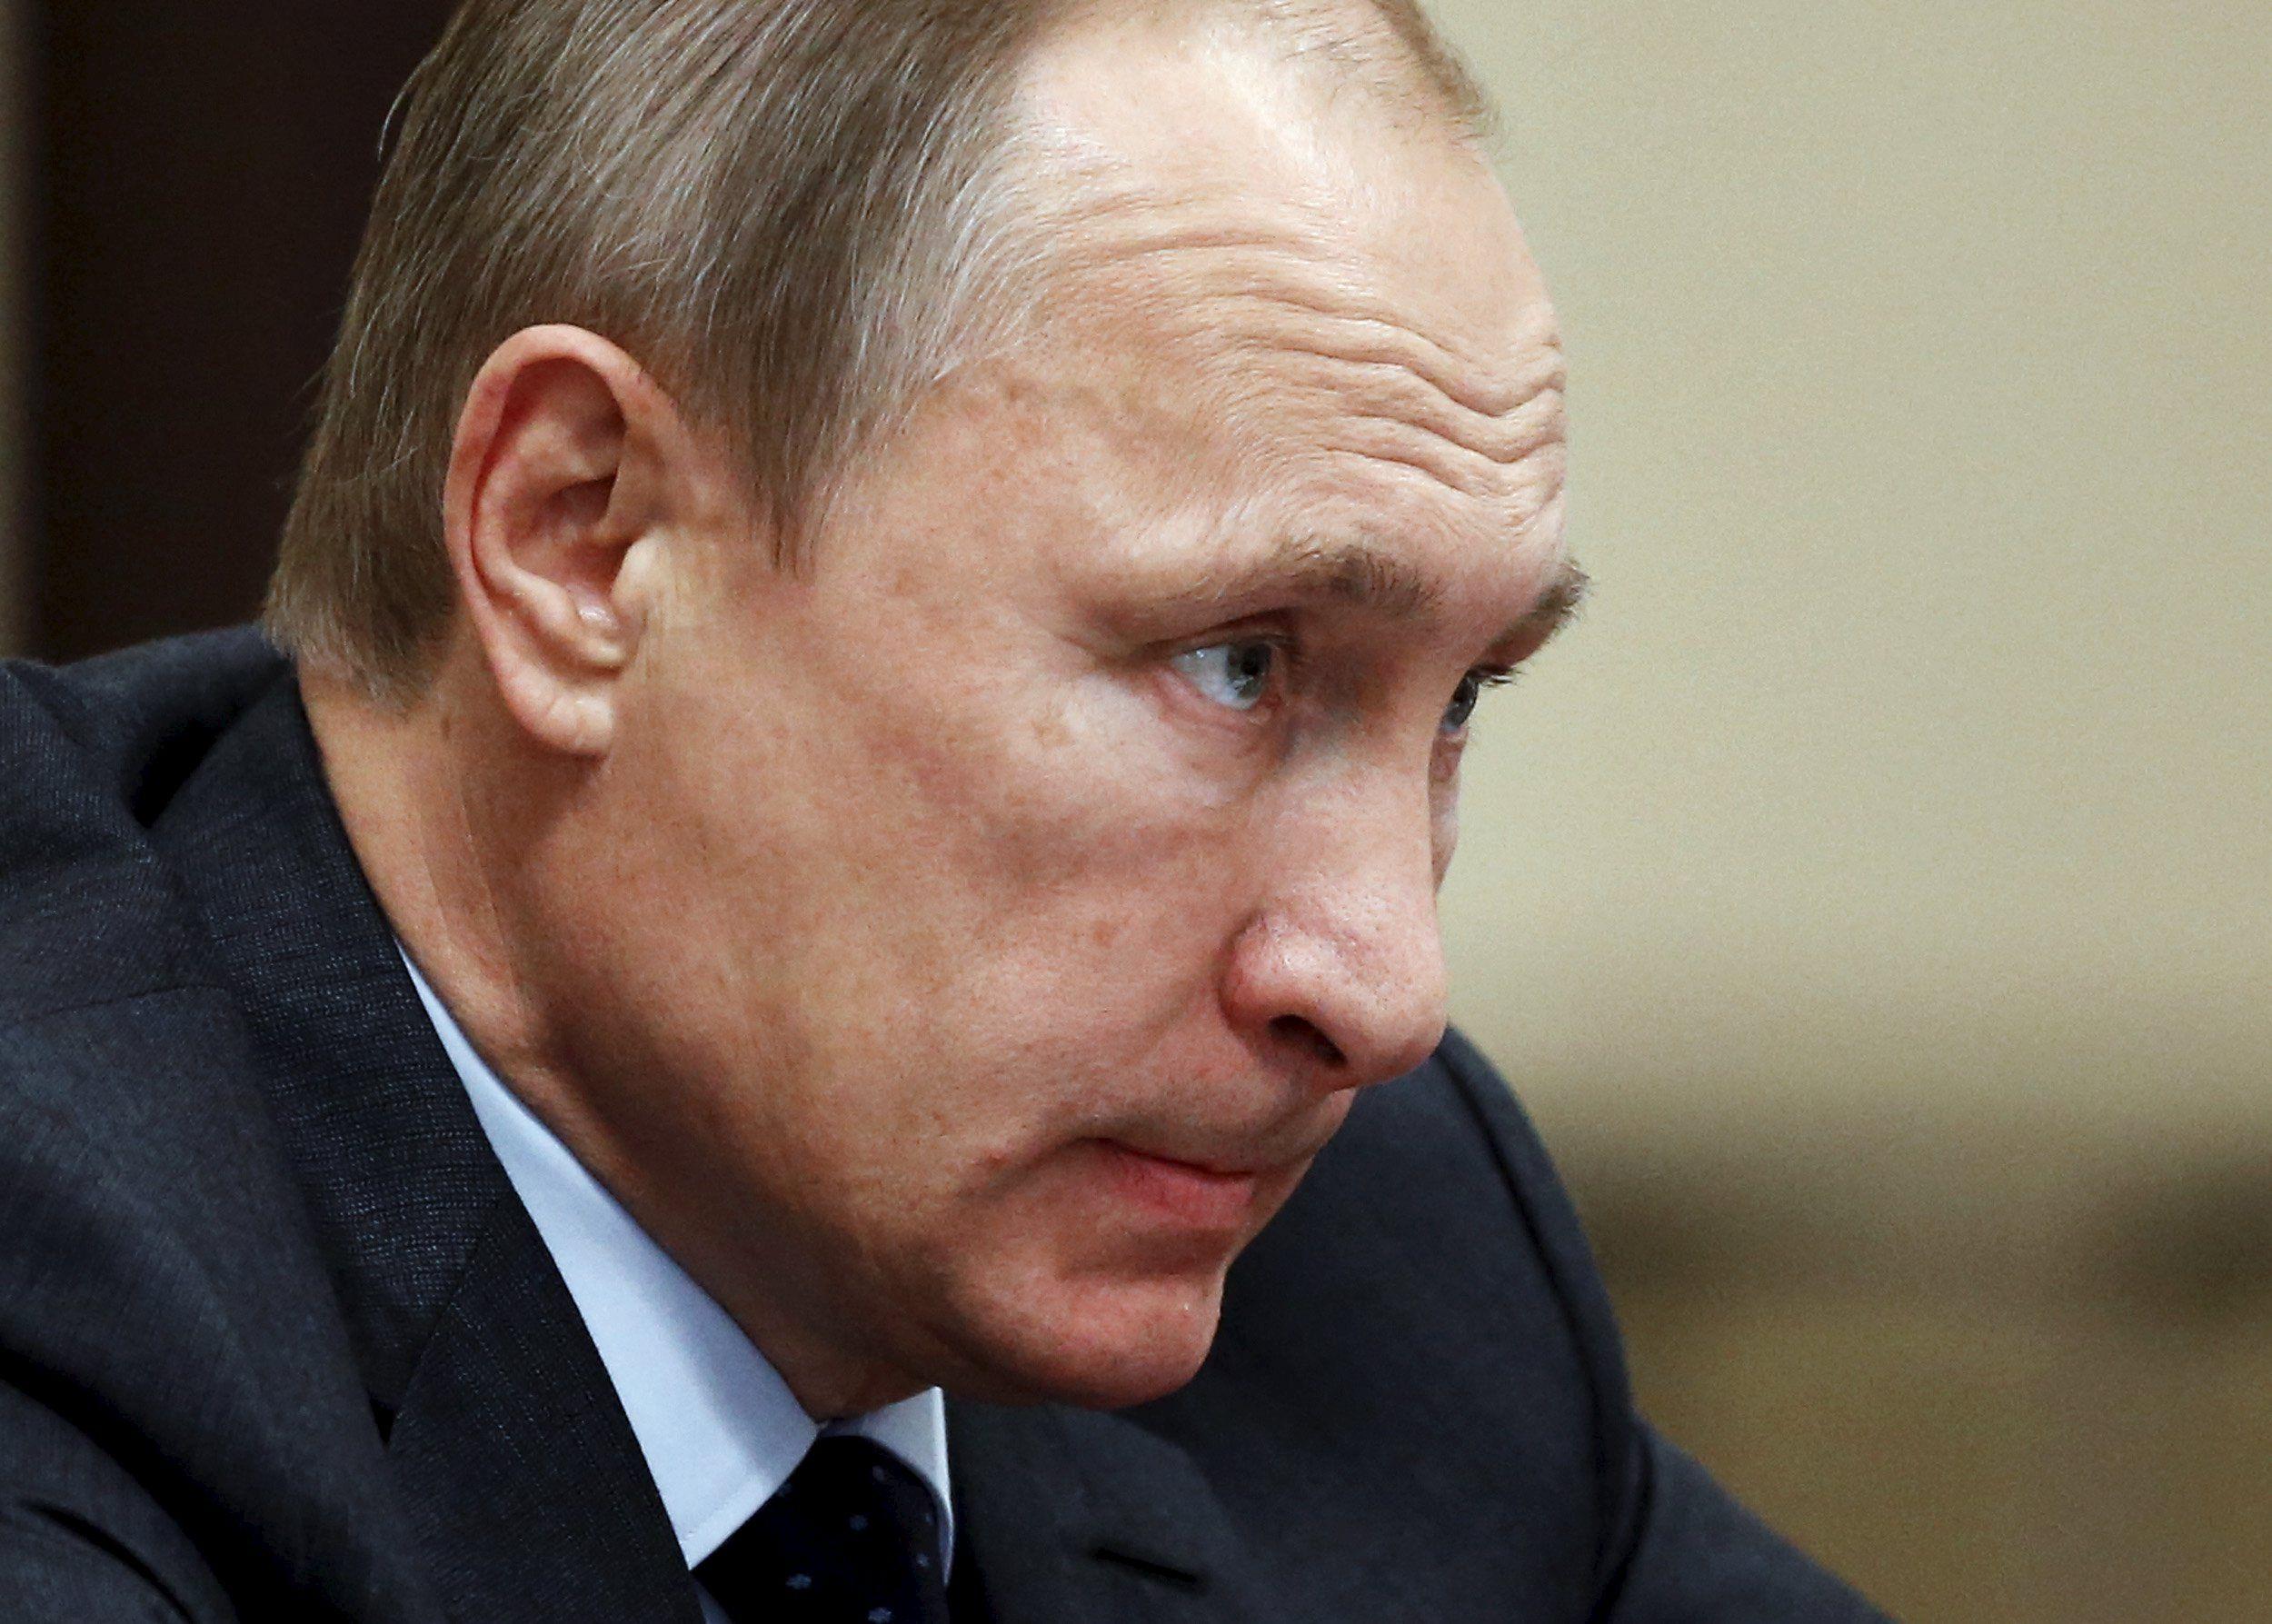 Смести режим в РФ может восстание масс, считает Эйдман